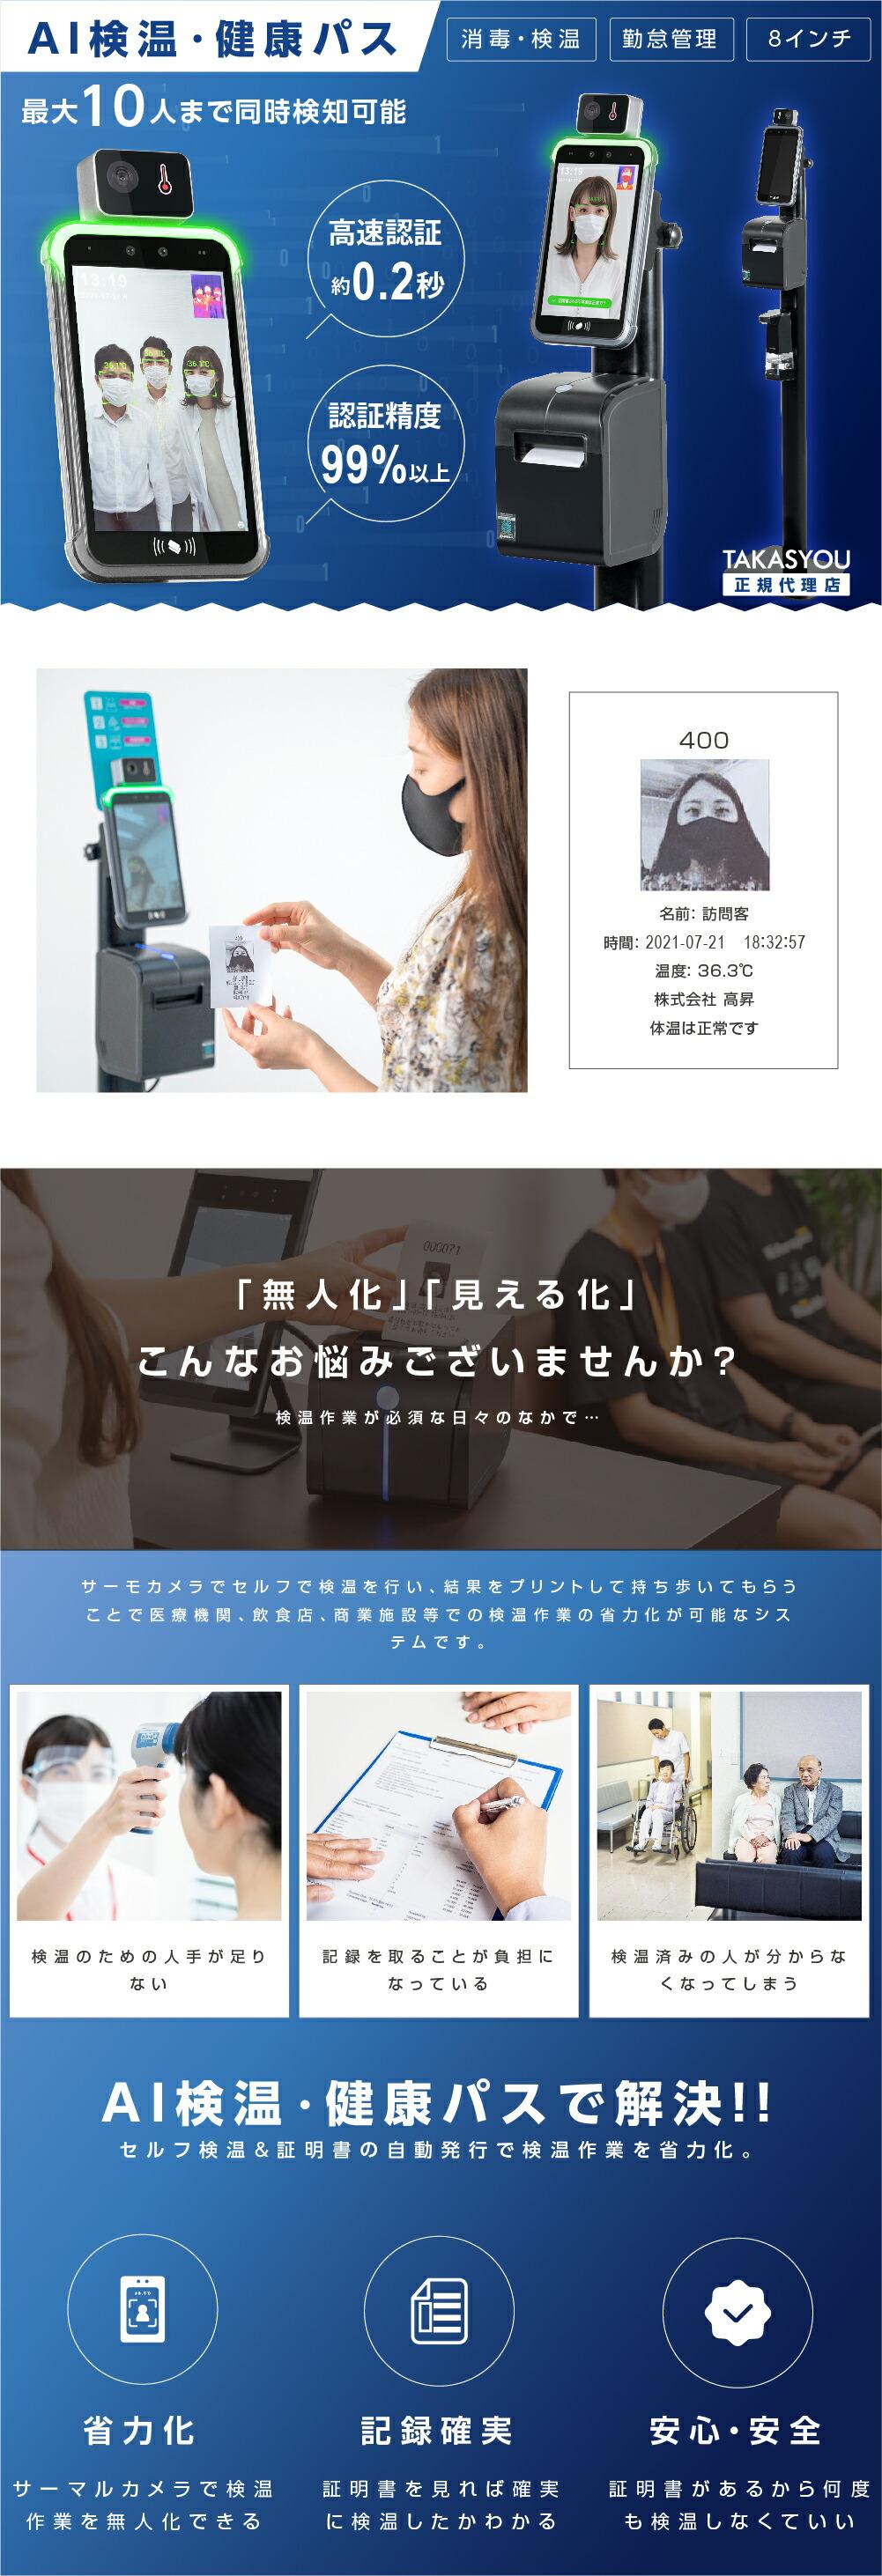 AI顔認証温度検知カメラ